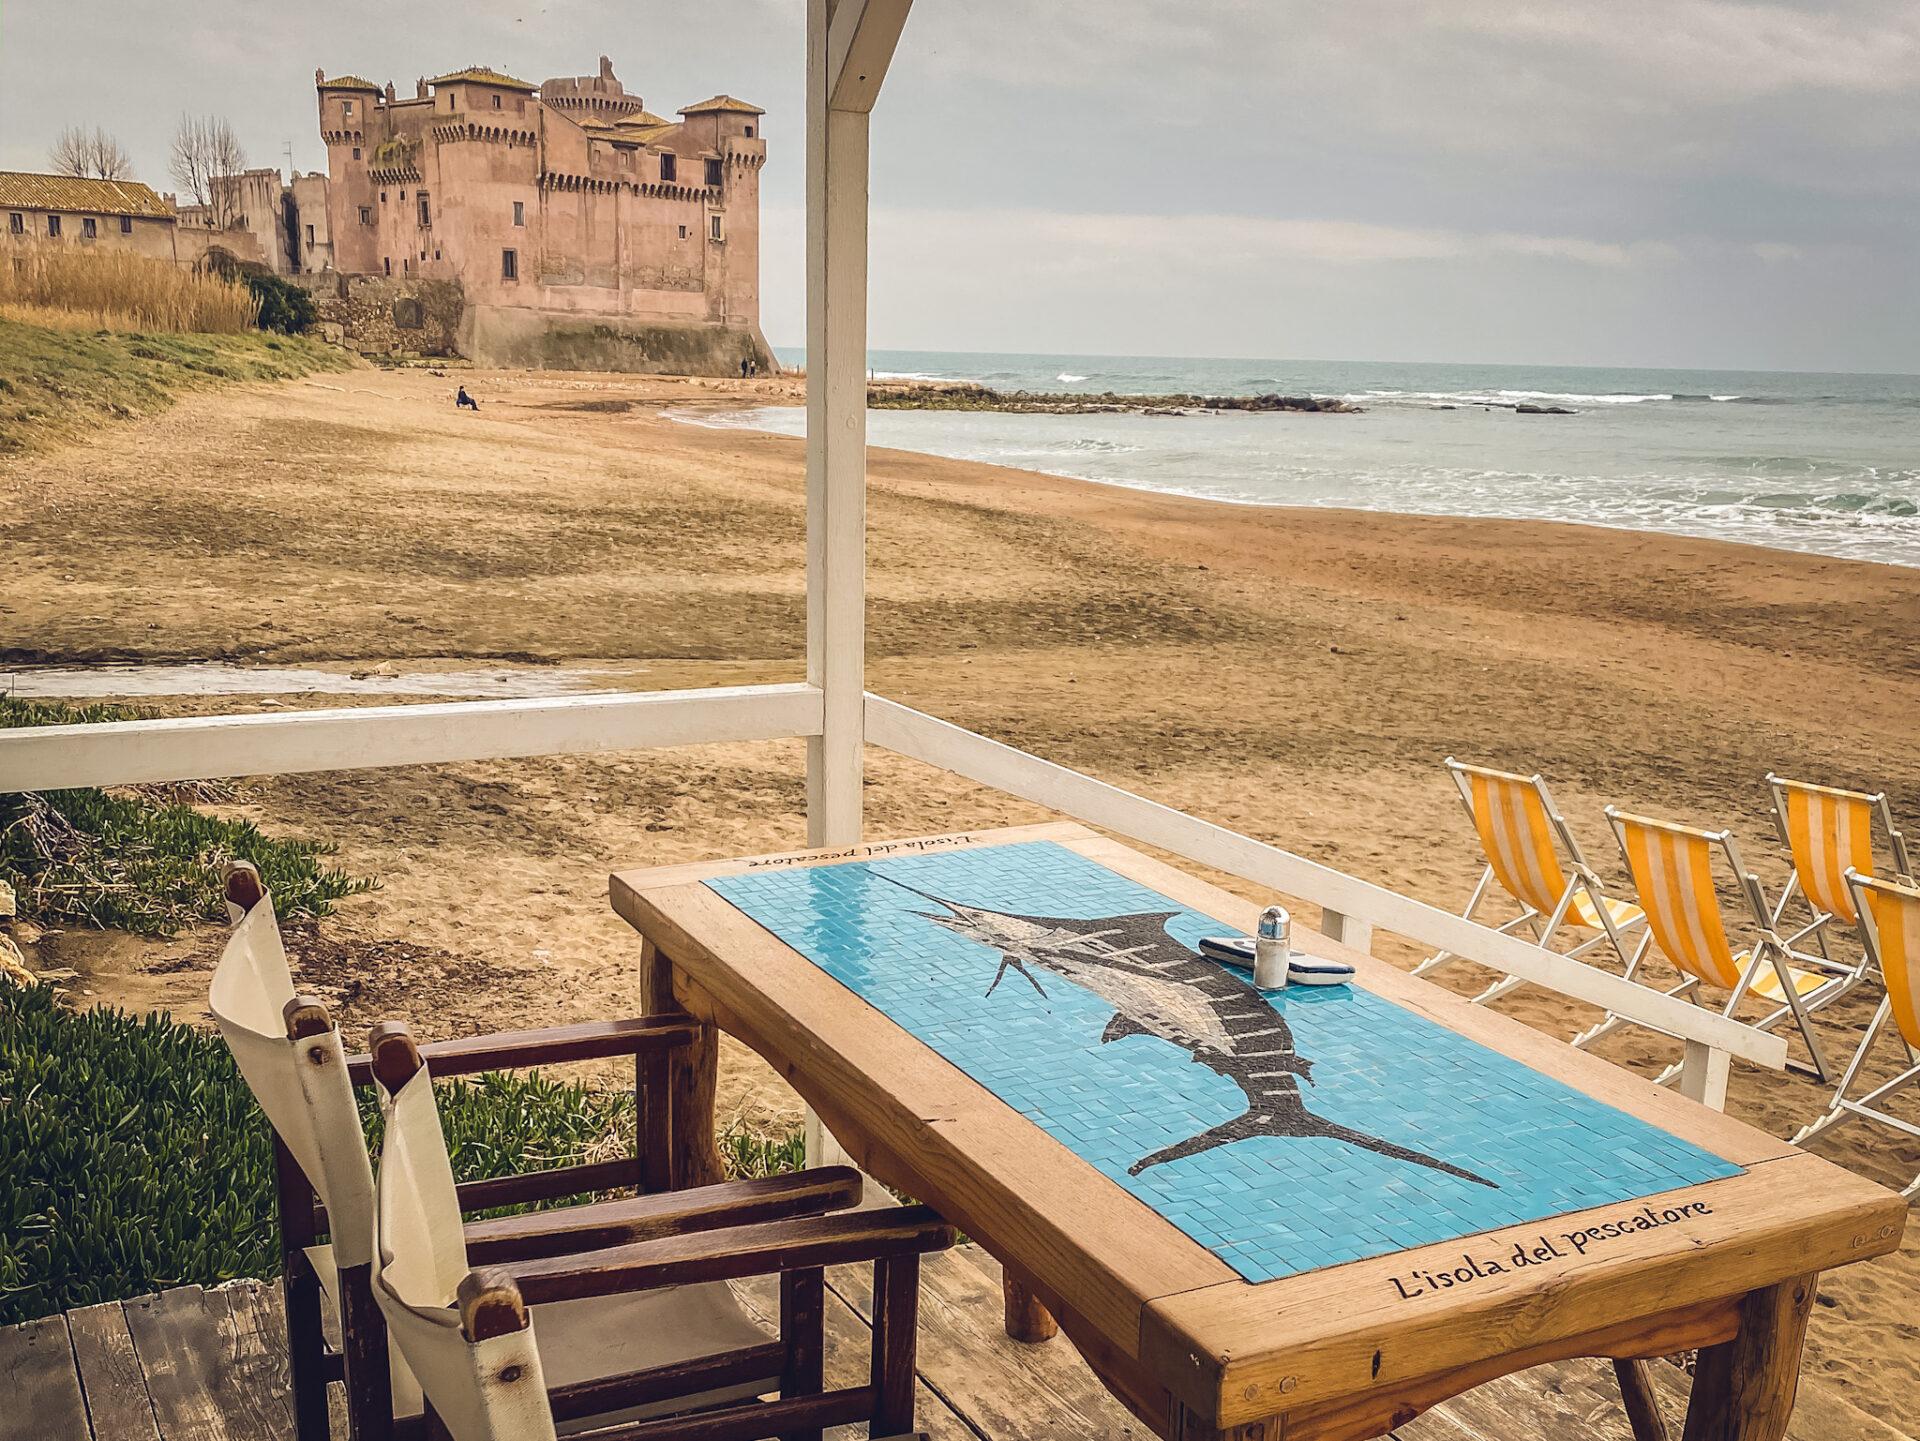 L'isola del Pescatore Santa Severa